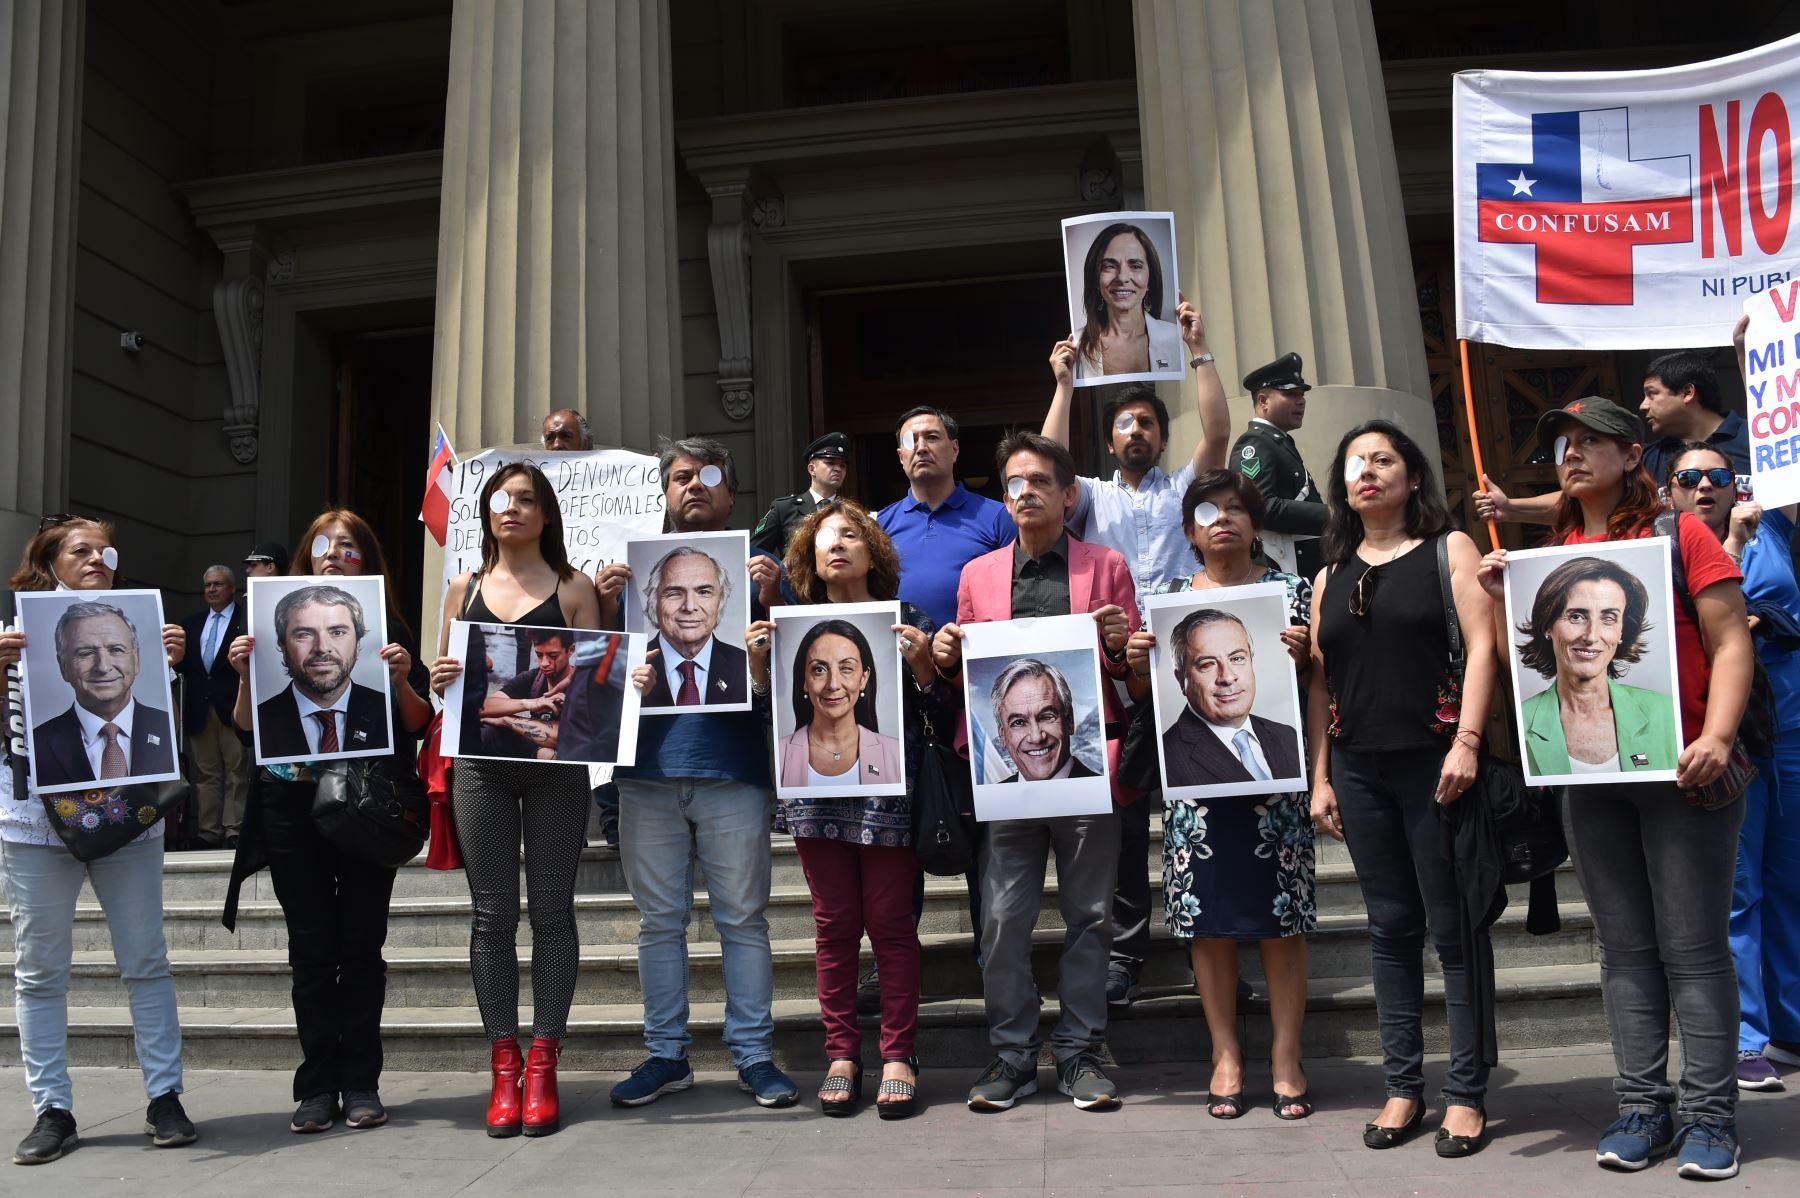 Los trabajadores de la salud protestan con retratos de ministros chilenos y de un manifestante al que le llegó un ojo de policía en la cuarta semana de protestas contra el gobierno del presidente chileno, Sebastián Piñera. Foto: AFP